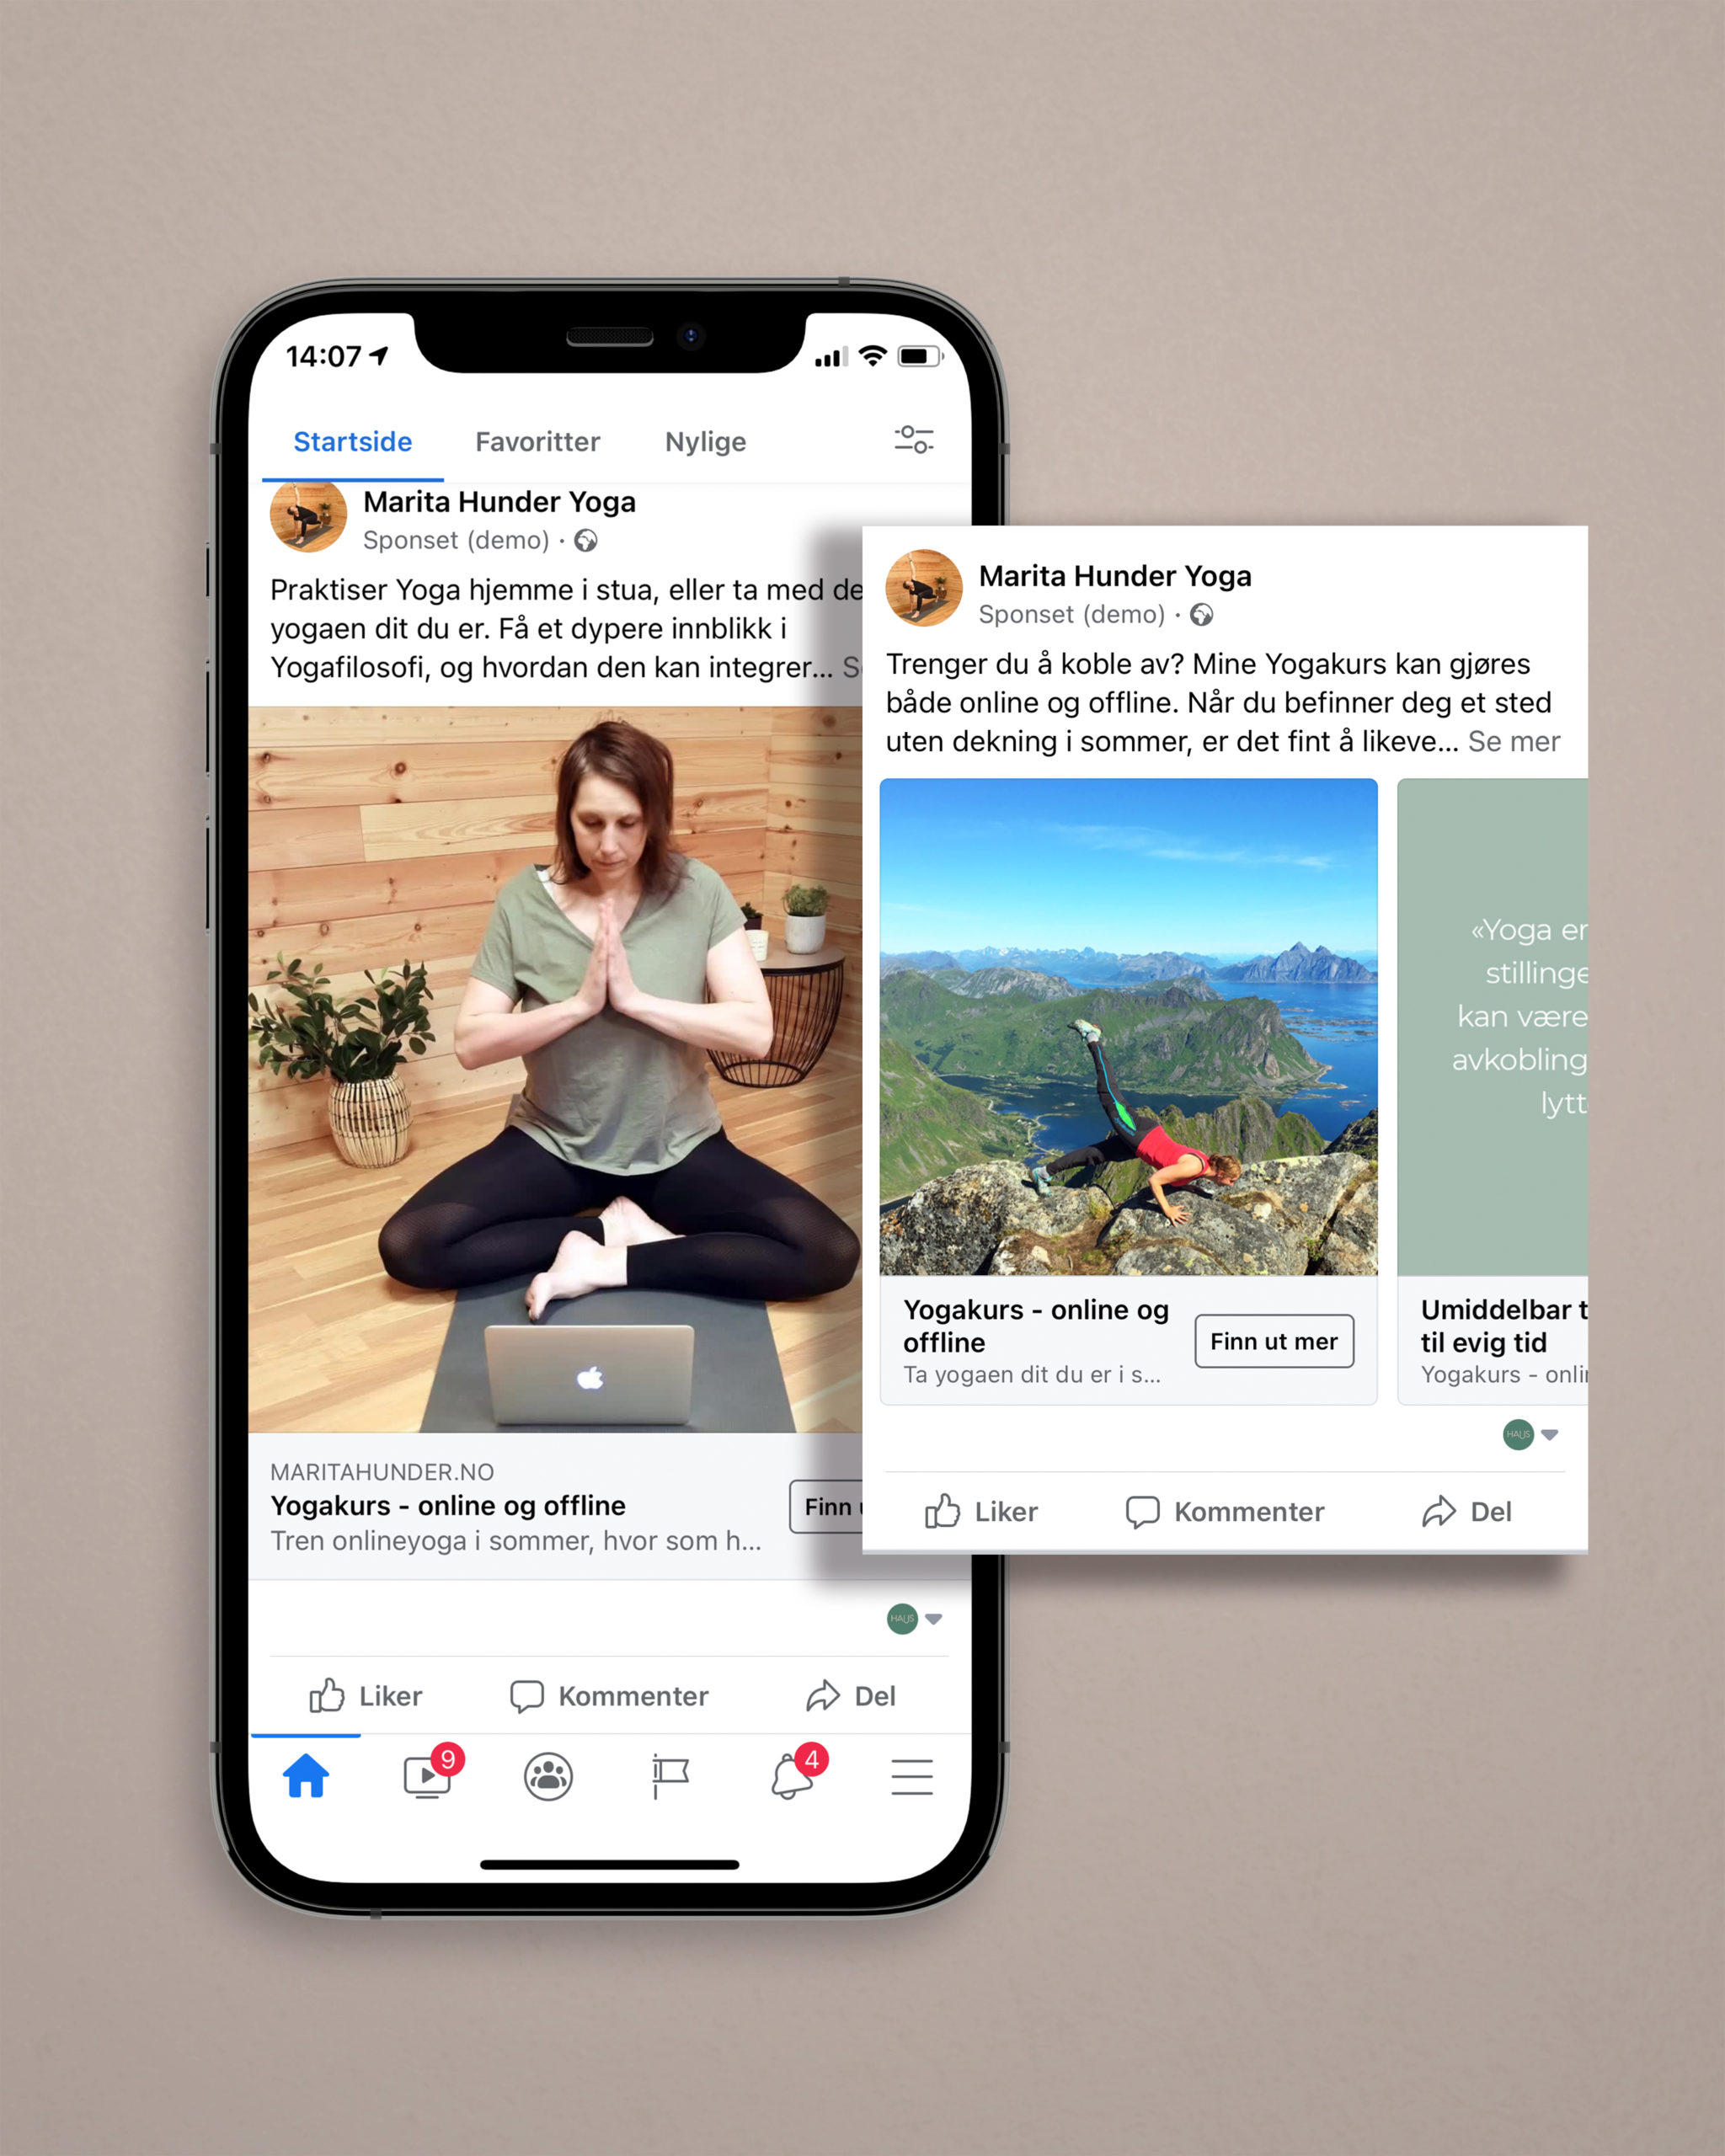 Eksempel på Facebook- og Instagramannonsering for Marita Hunder Yoga, laget av Haus byrå